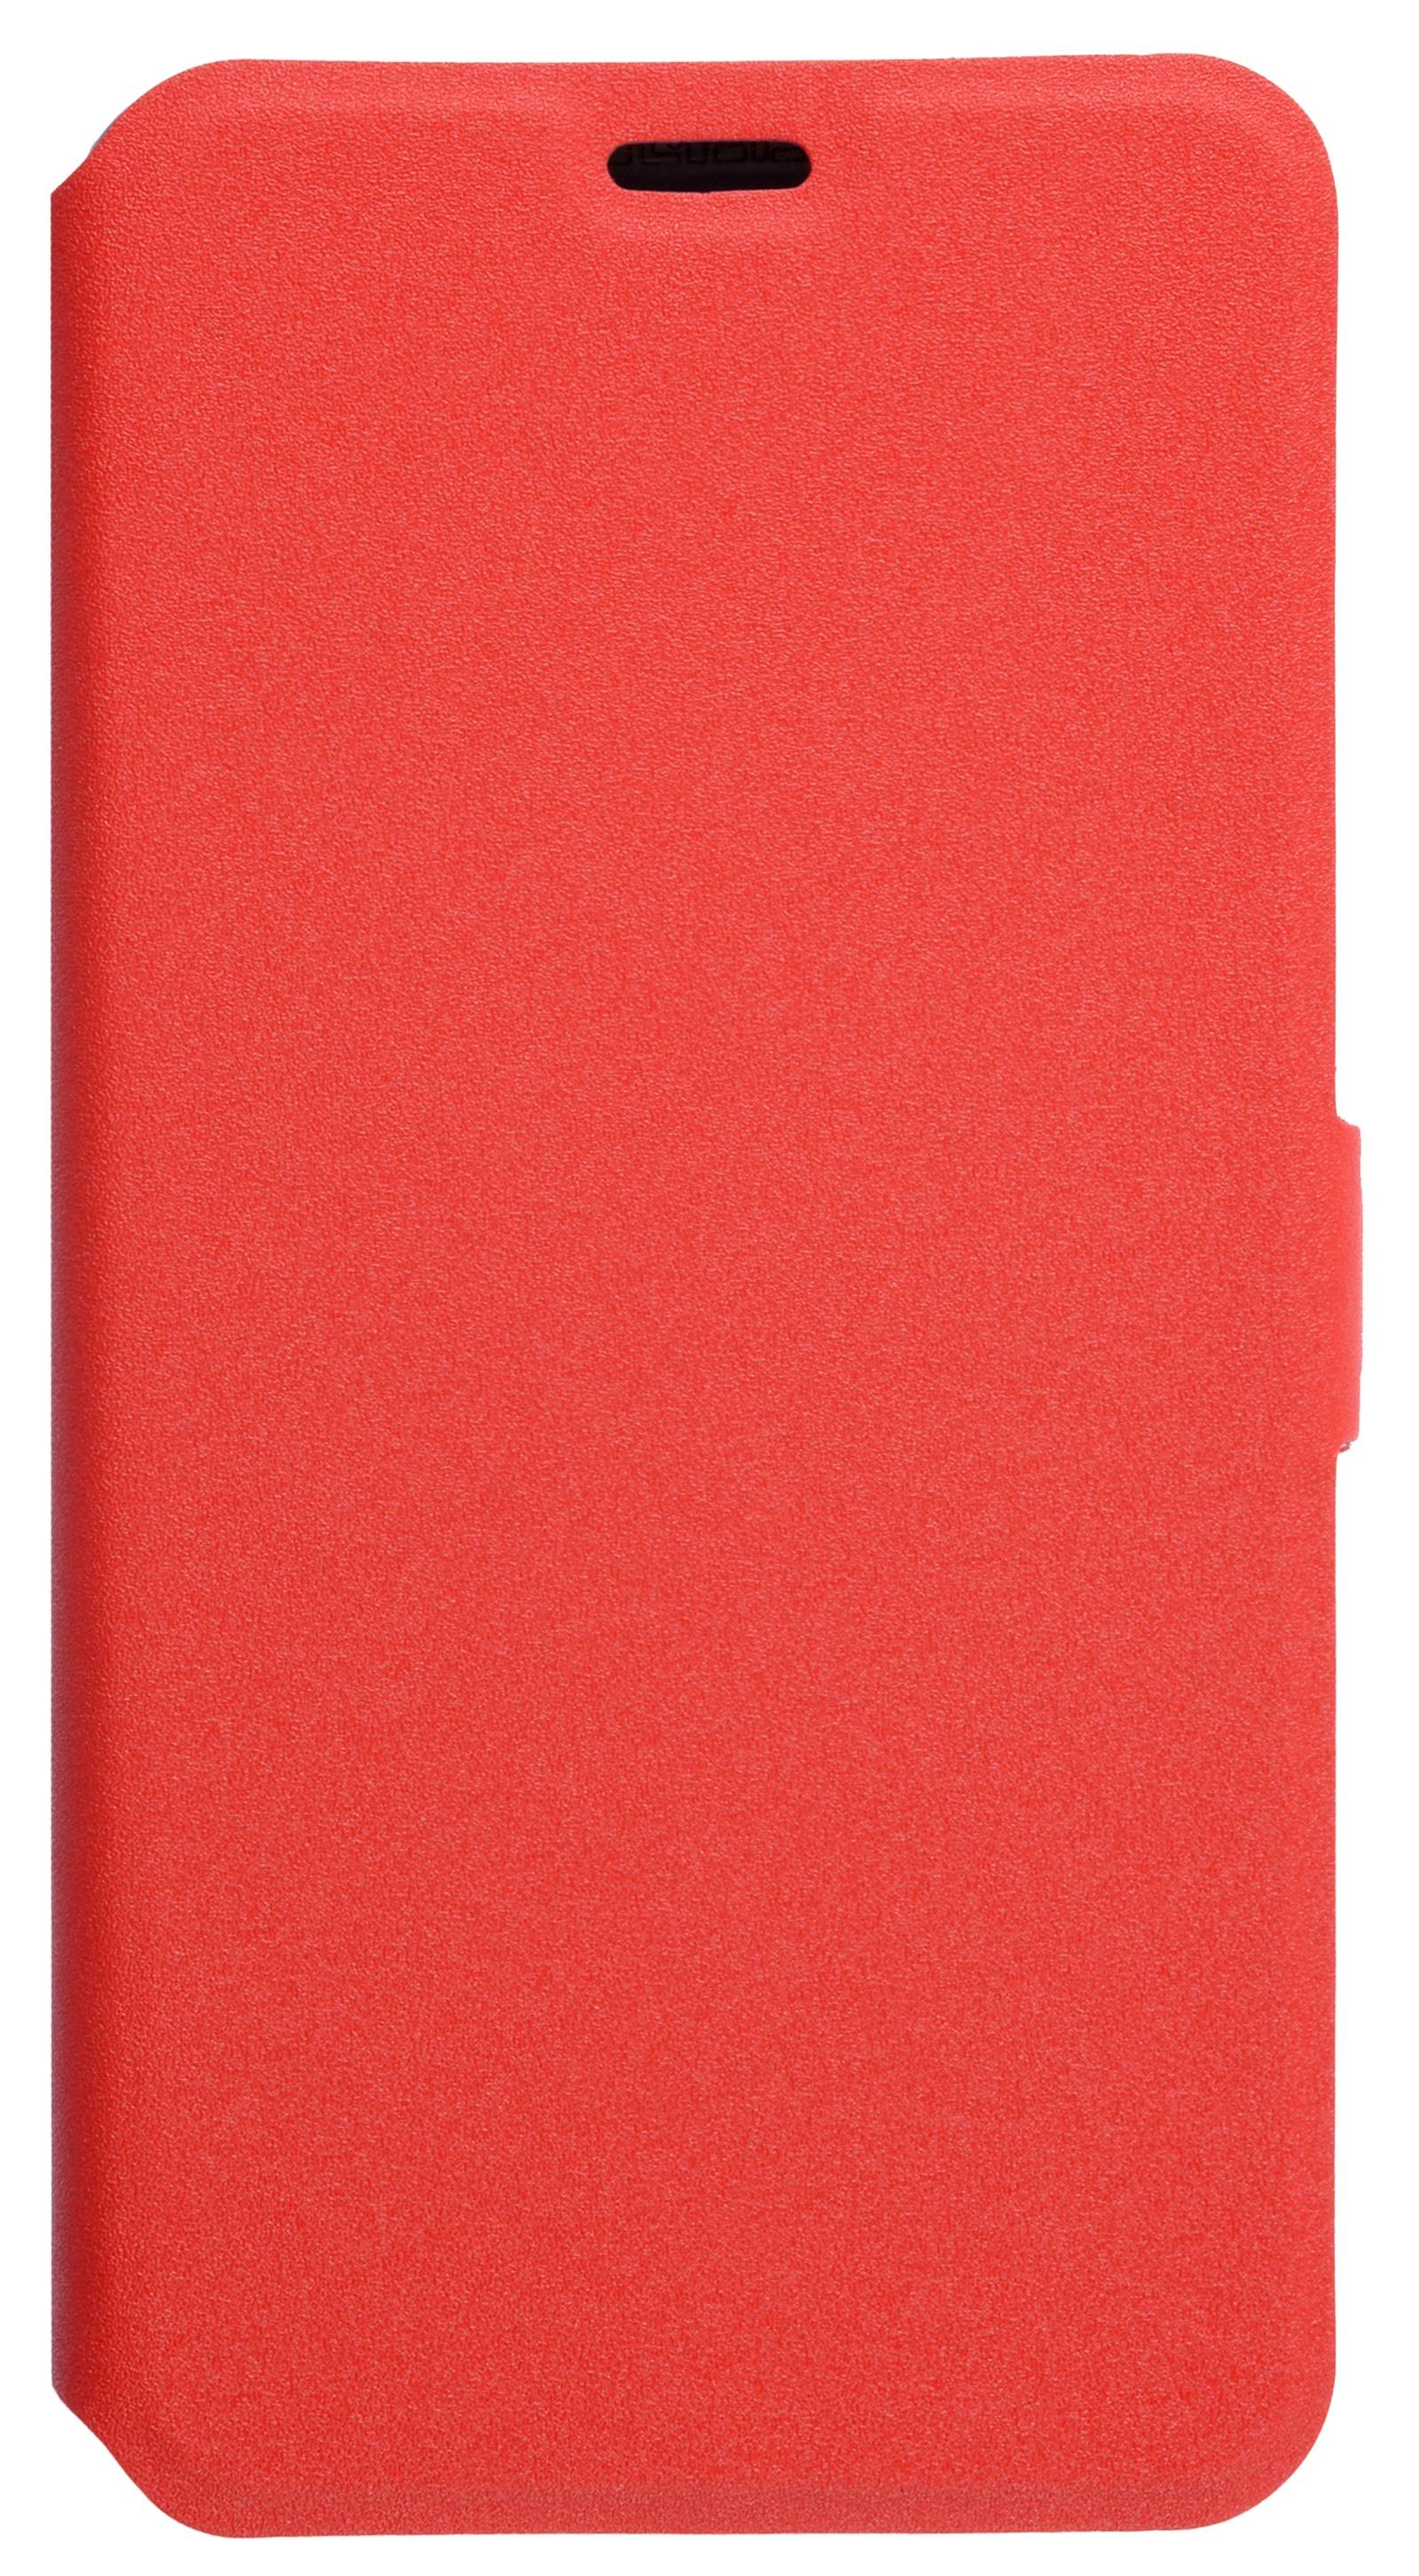 Чехол для сотового телефона PRIME Book, 4630042523692, красный чехол для сотового телефона prime book 4630042523708 красный